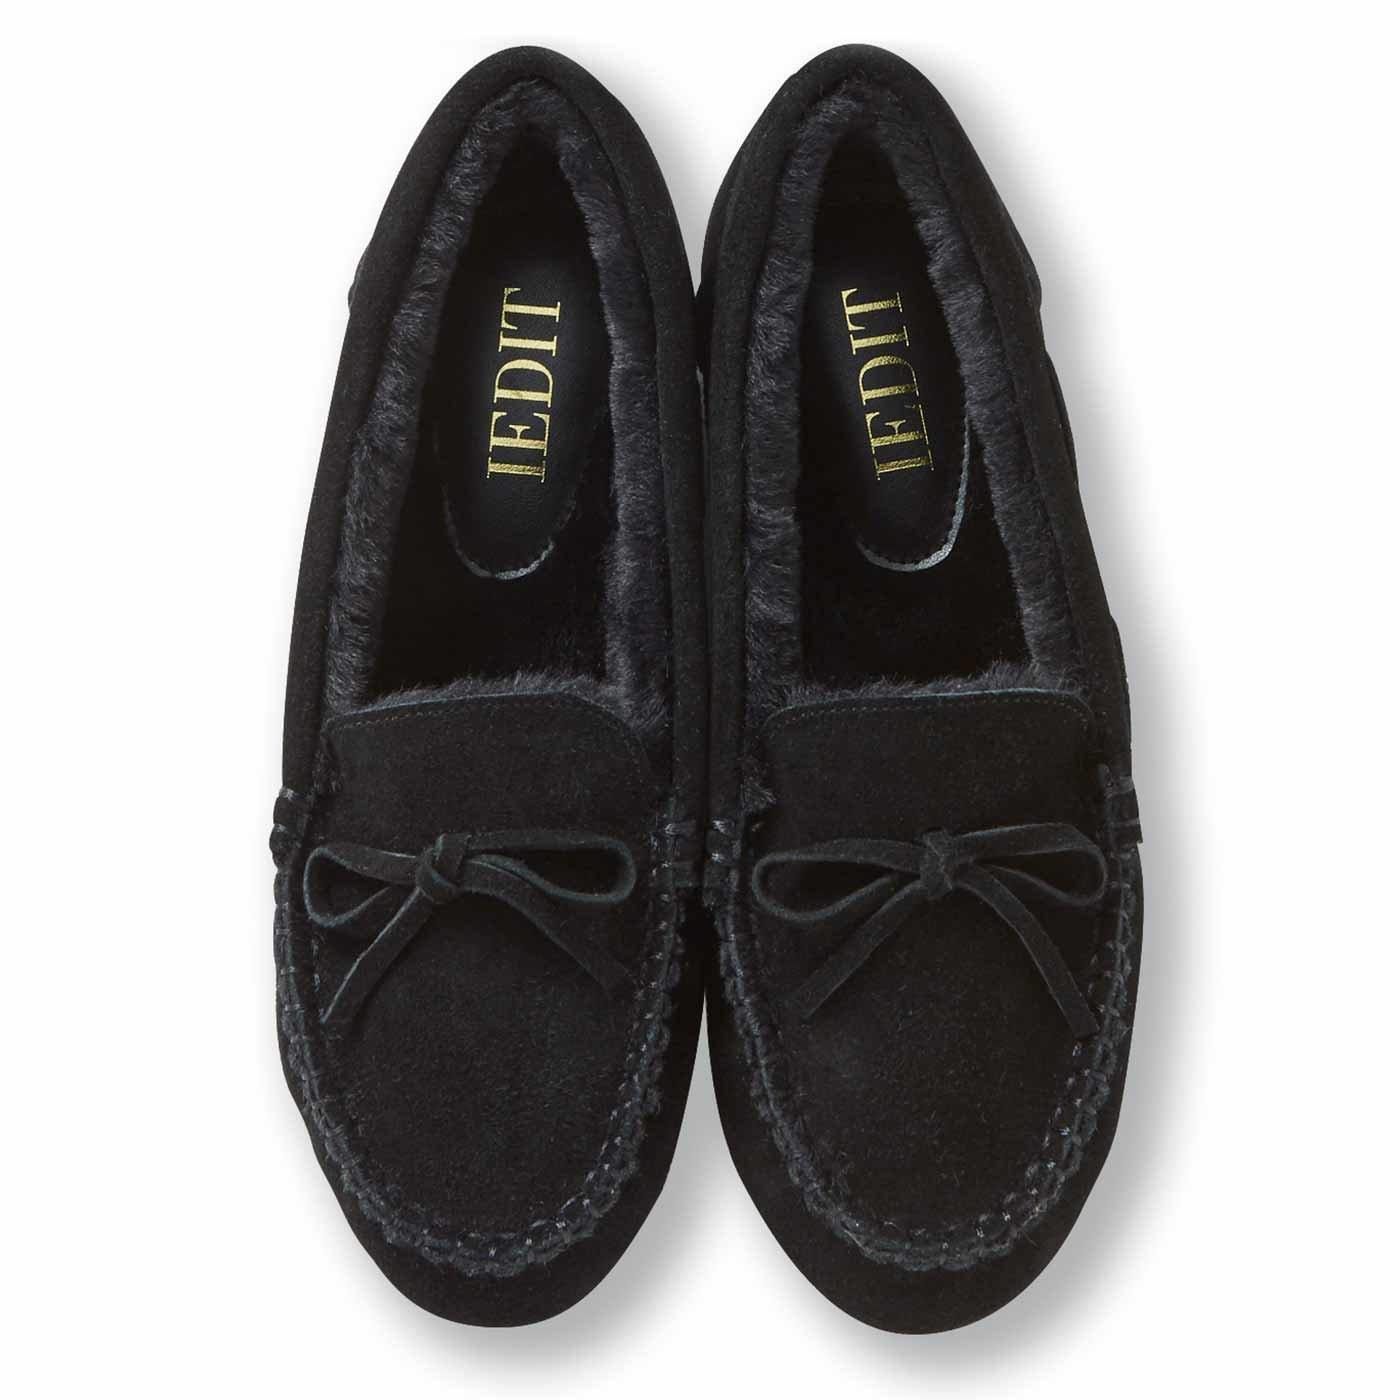 IEDIT[イディット] とっても暖かい履き心地の表側は本革のふわふわモカシン風シューズ〈ブラック〉